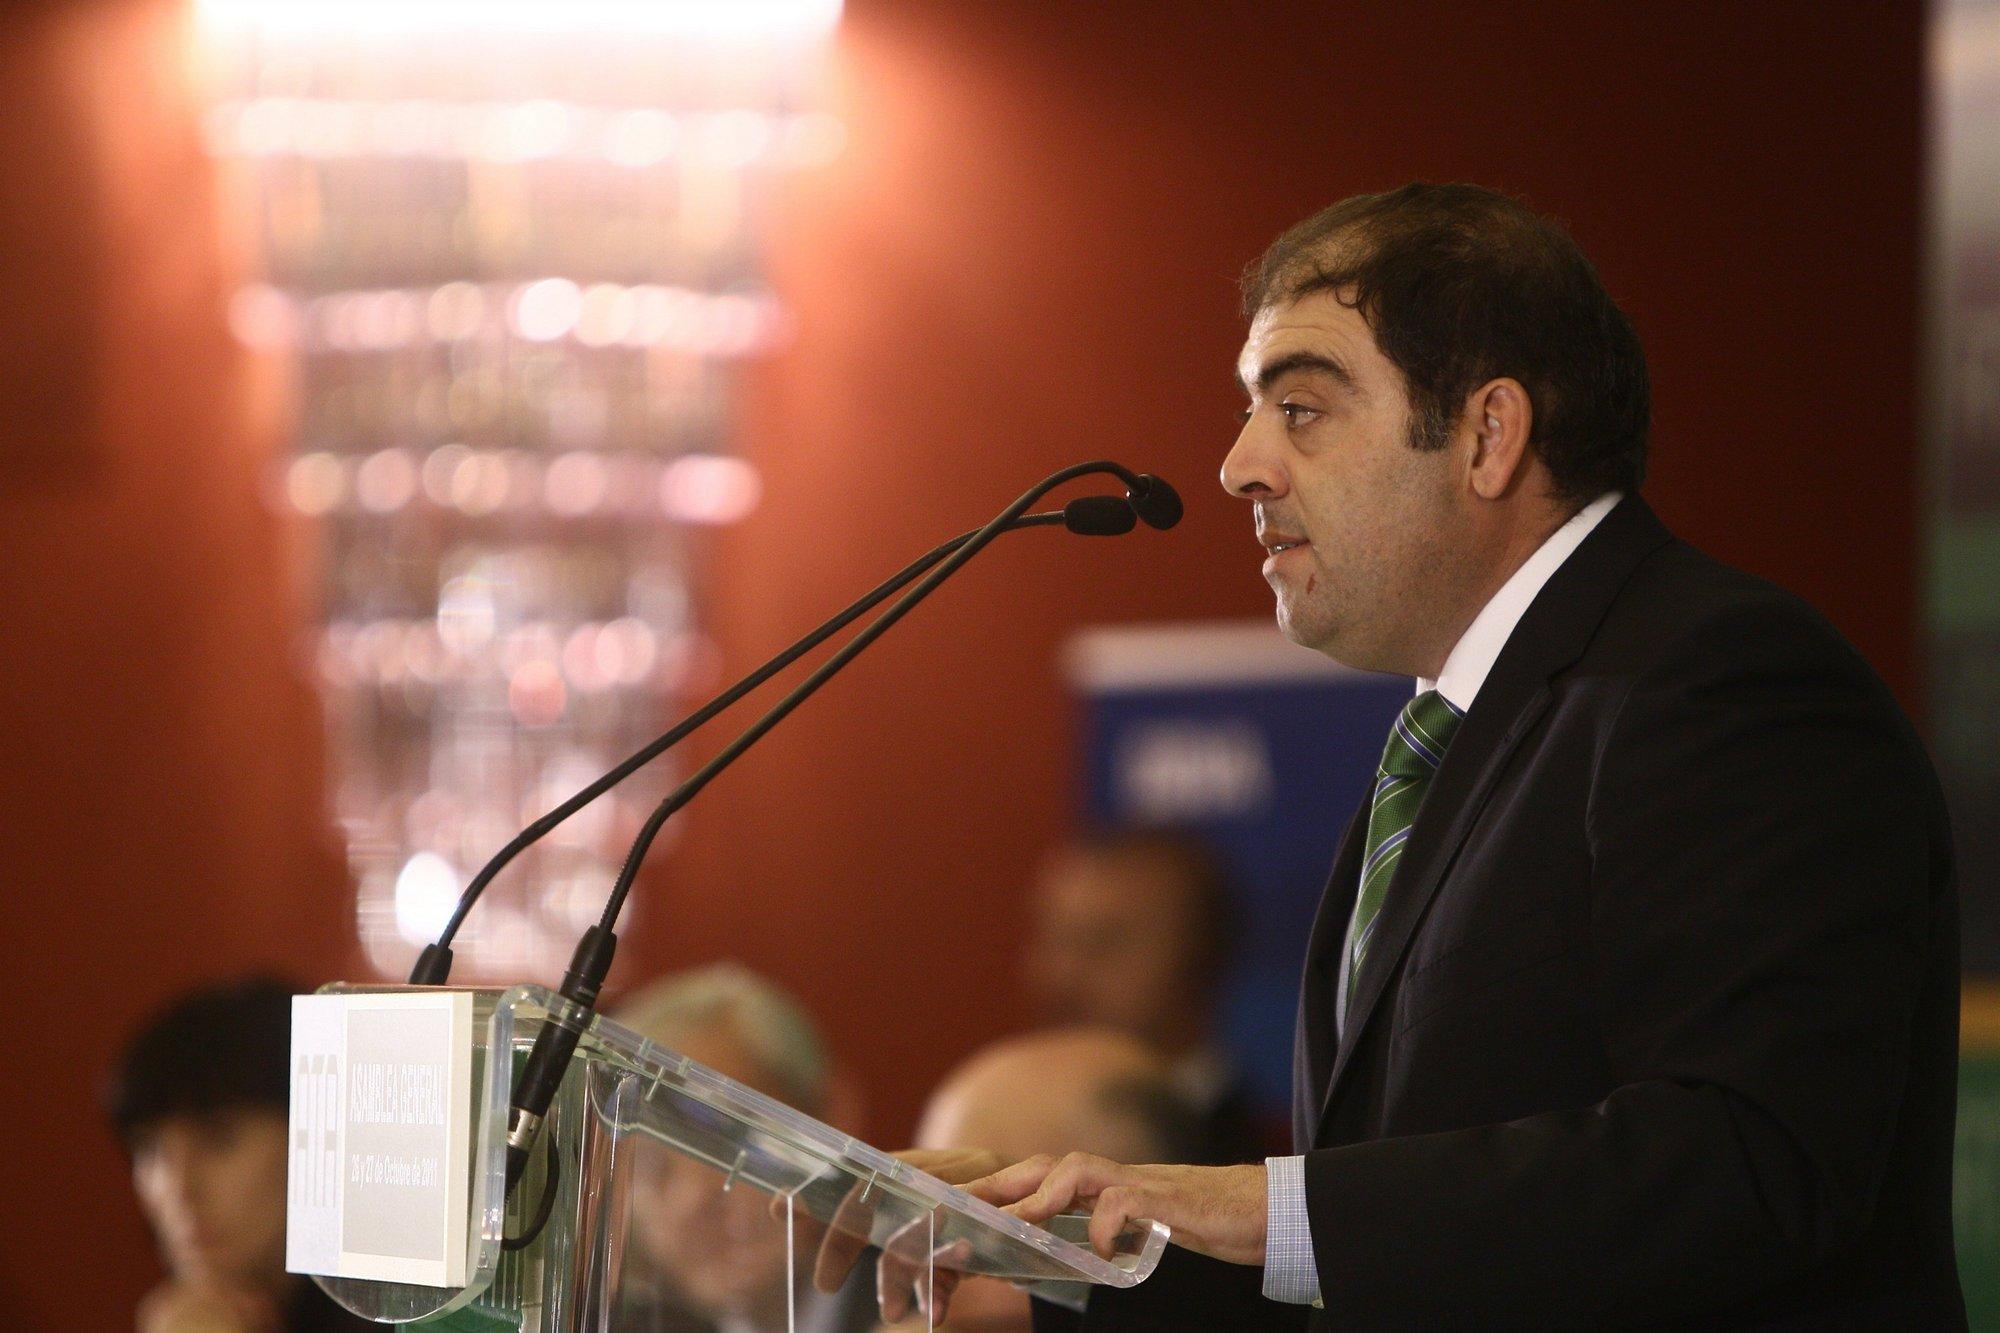 La región cerró 2011 con un aumento del 9,1% en las altas de trabajadores autónomos, algo más que la media nacional